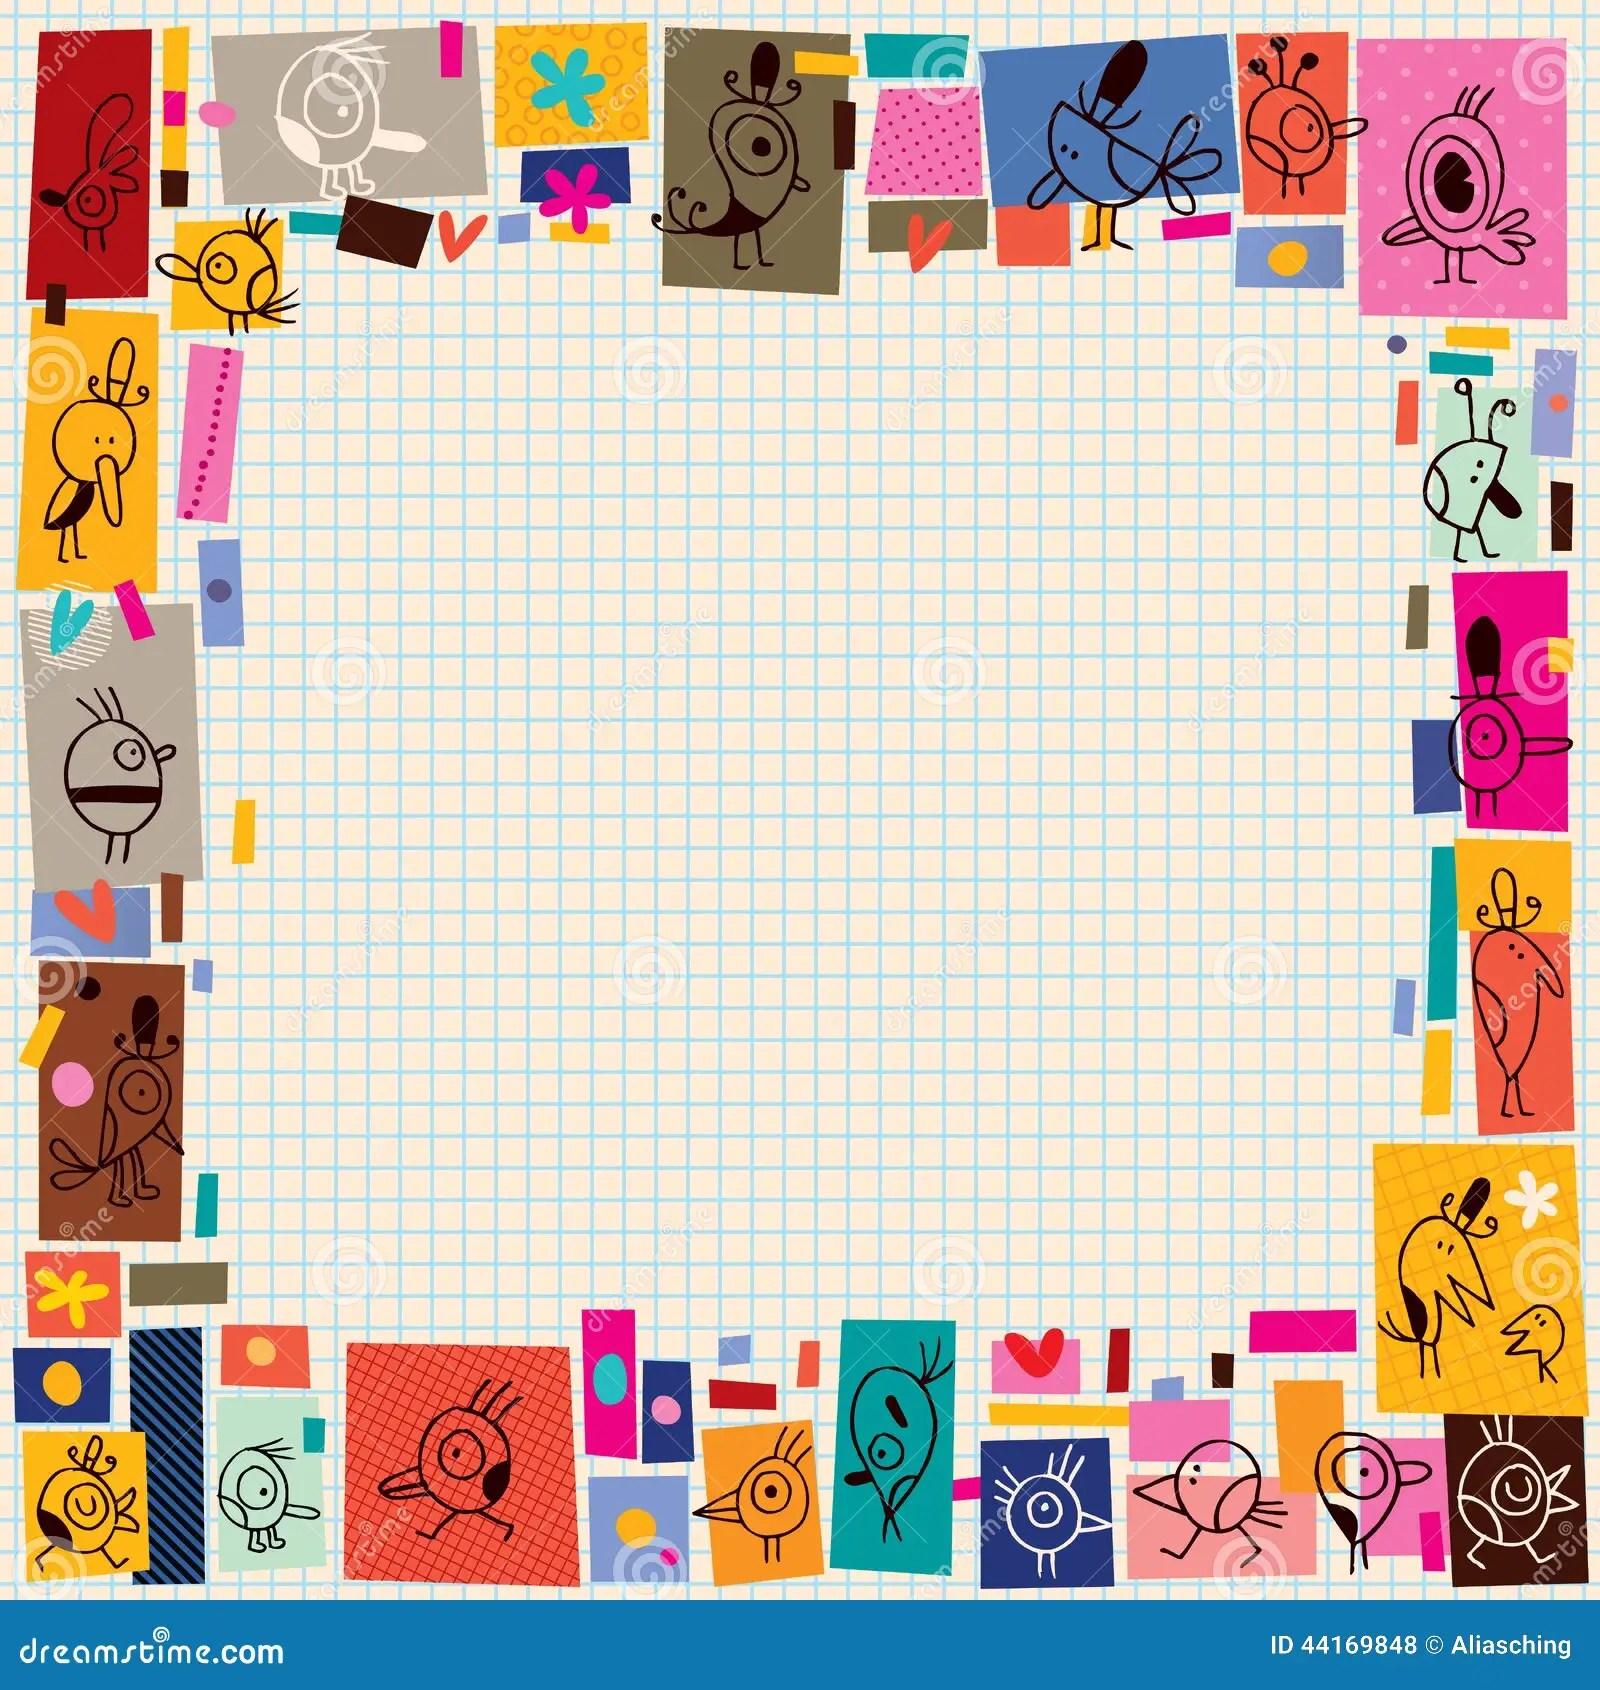 Cute Birds Collage Cartoon Doodle Border Stock Vector